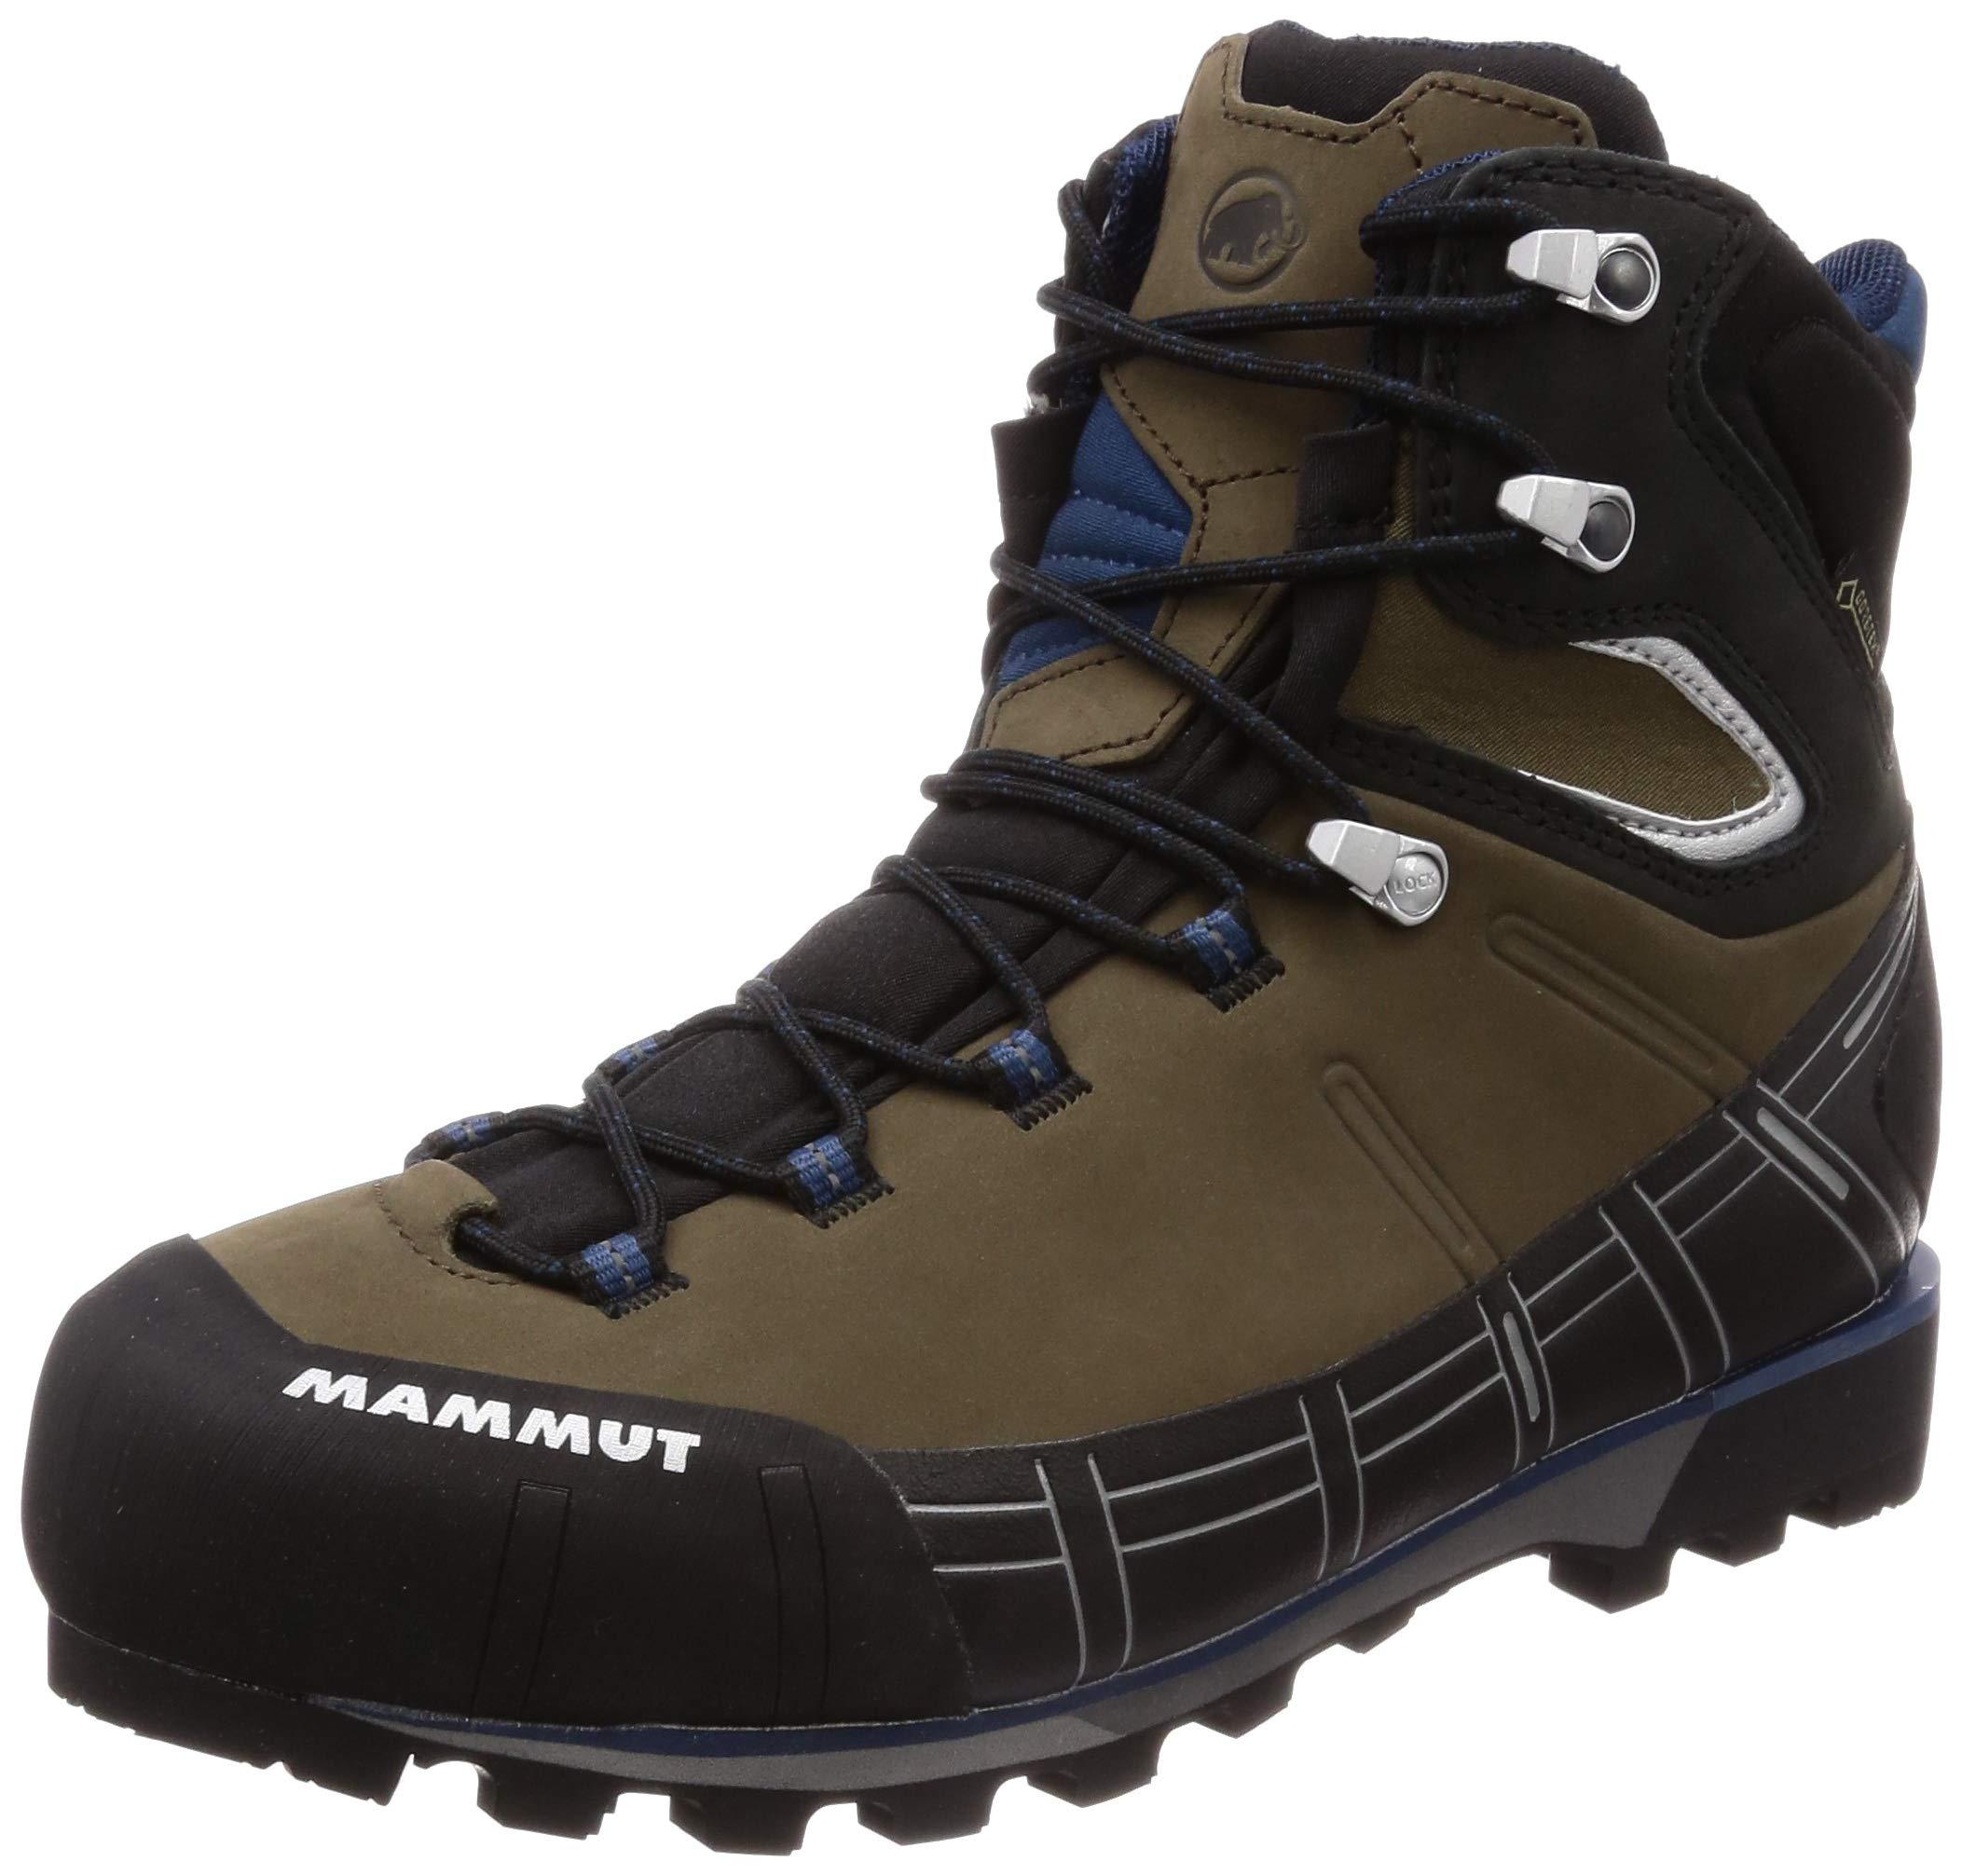 Mammut Kento High GTX Backpacking Boot - Men's Bark/Black, 8.5 by Mammut